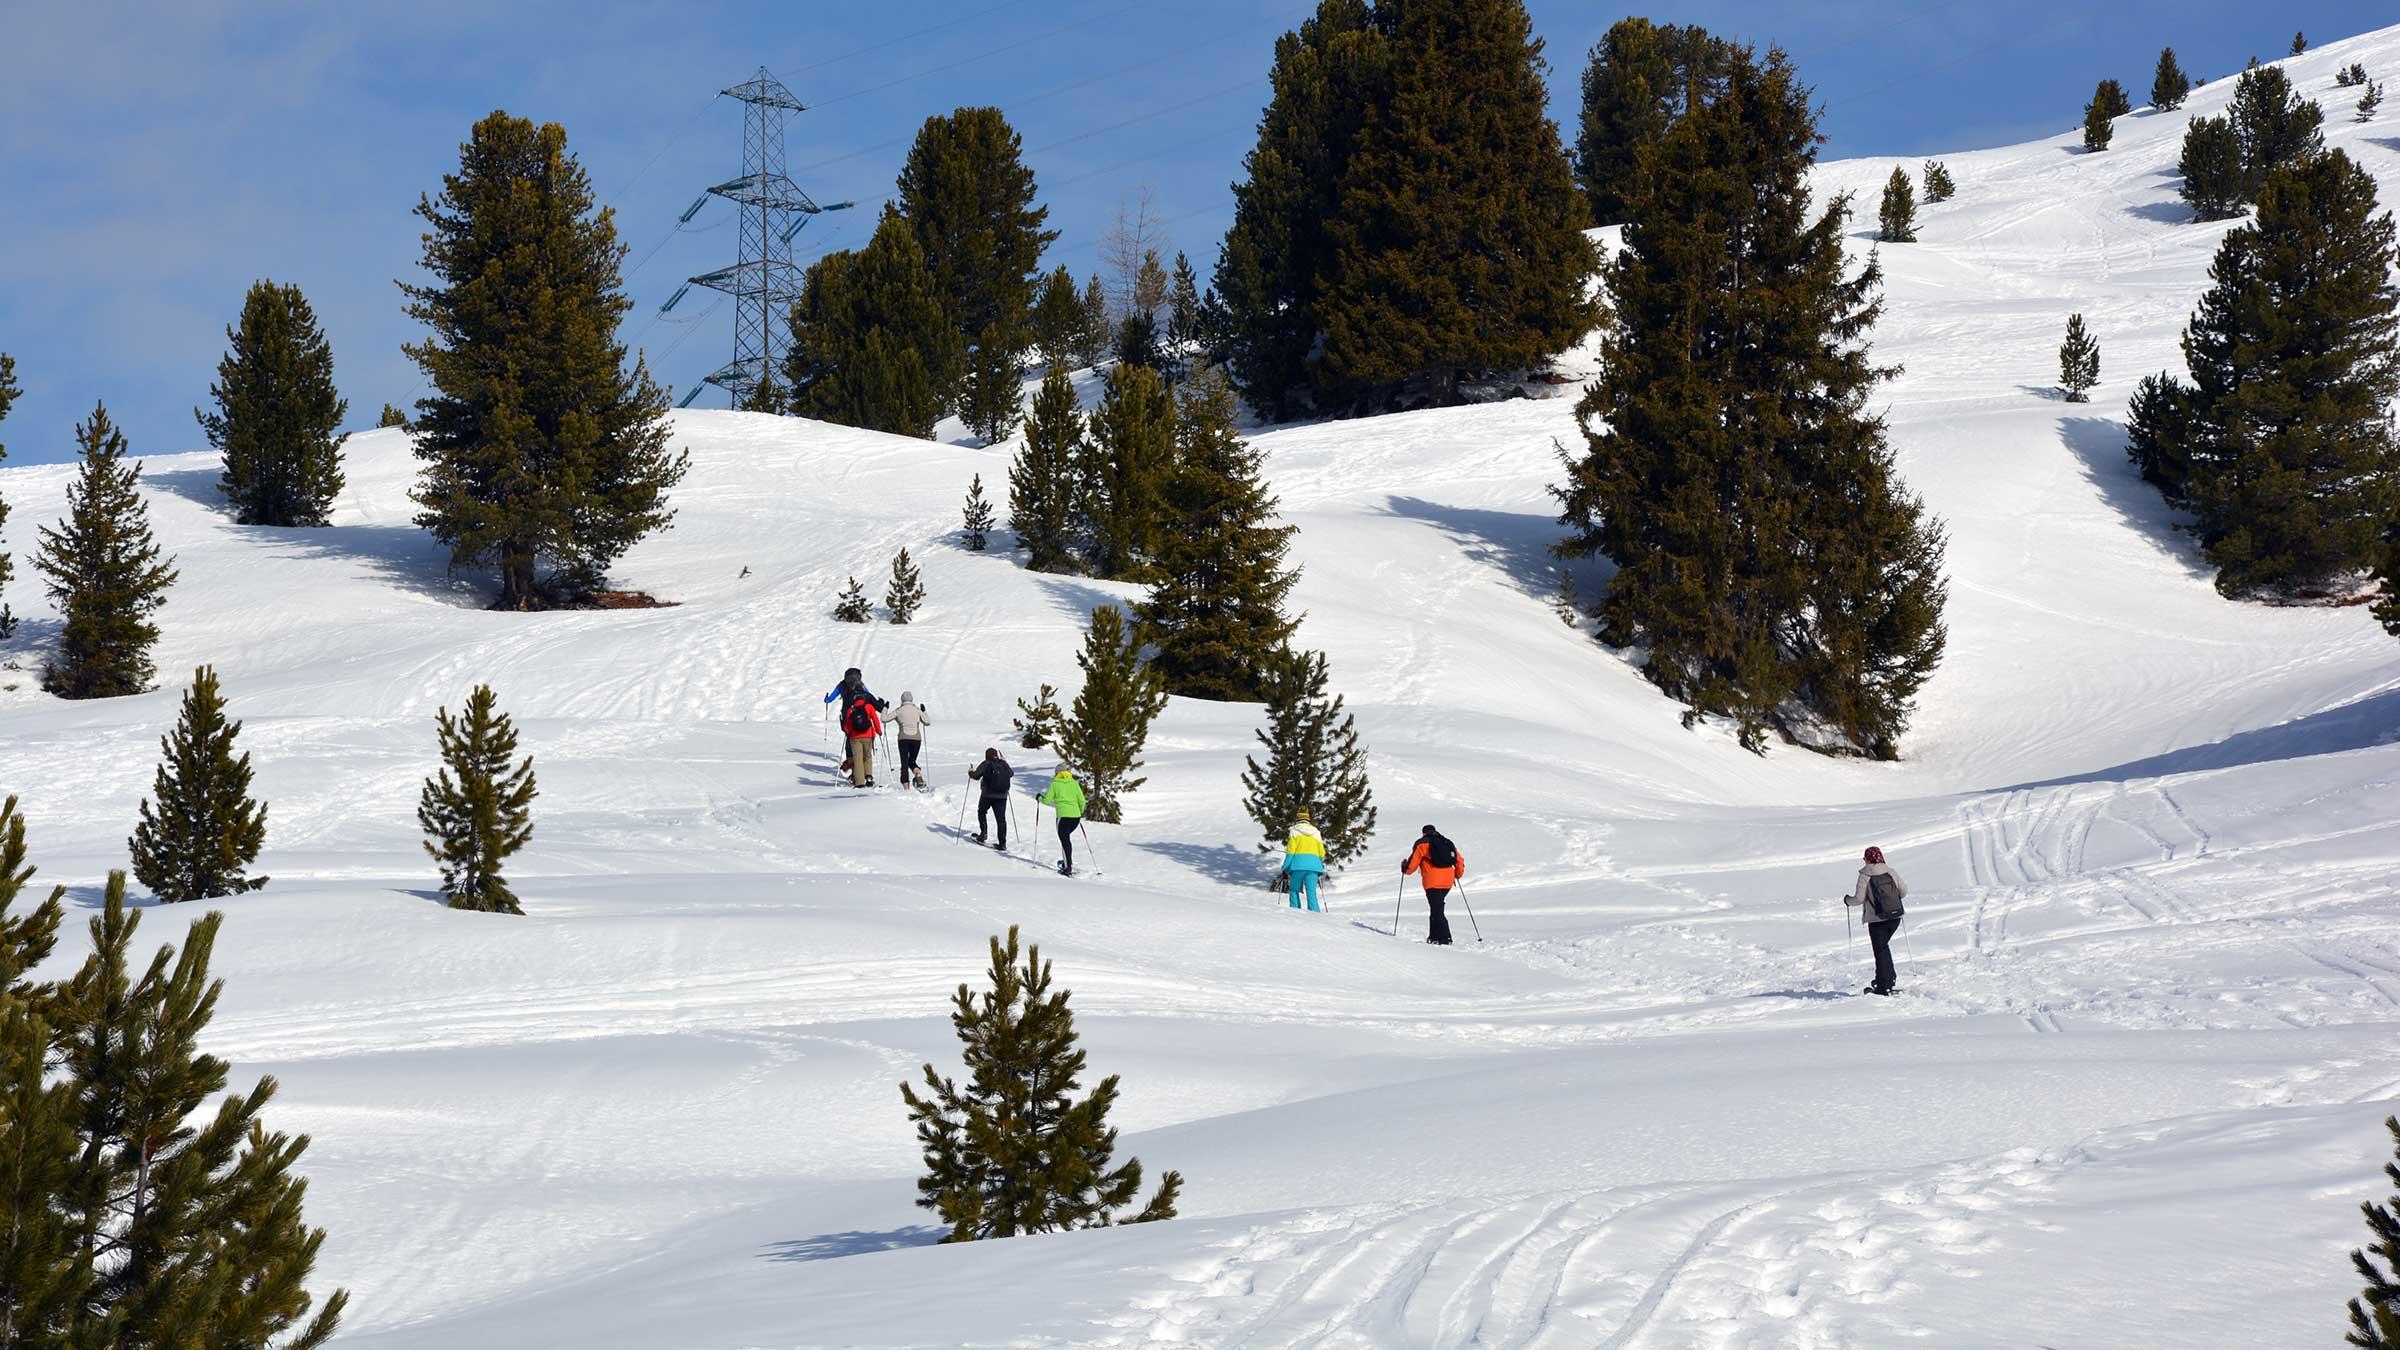 Auf die sanfte Tour: Schneeschuhwanderung zum Faltergartenköpfl